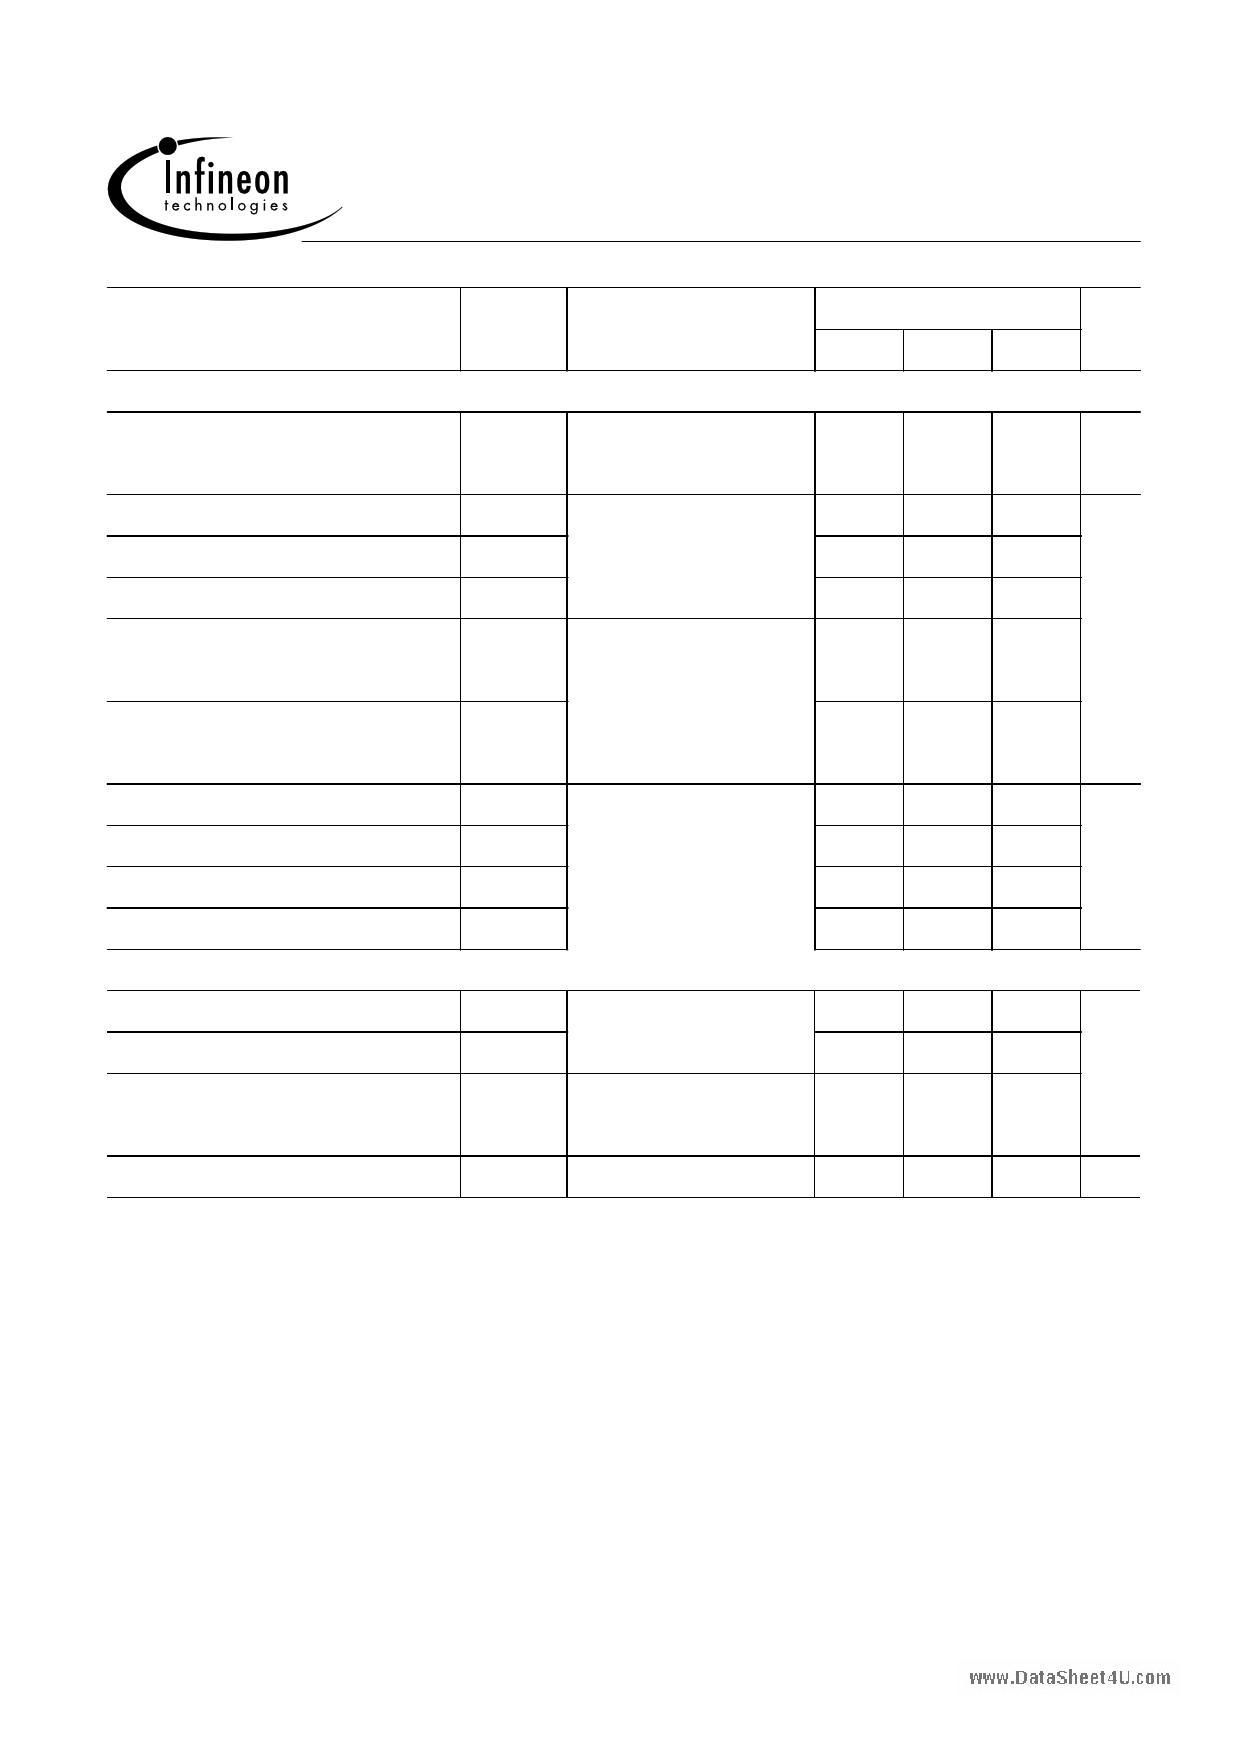 20N60C2 pdf, ピン配列